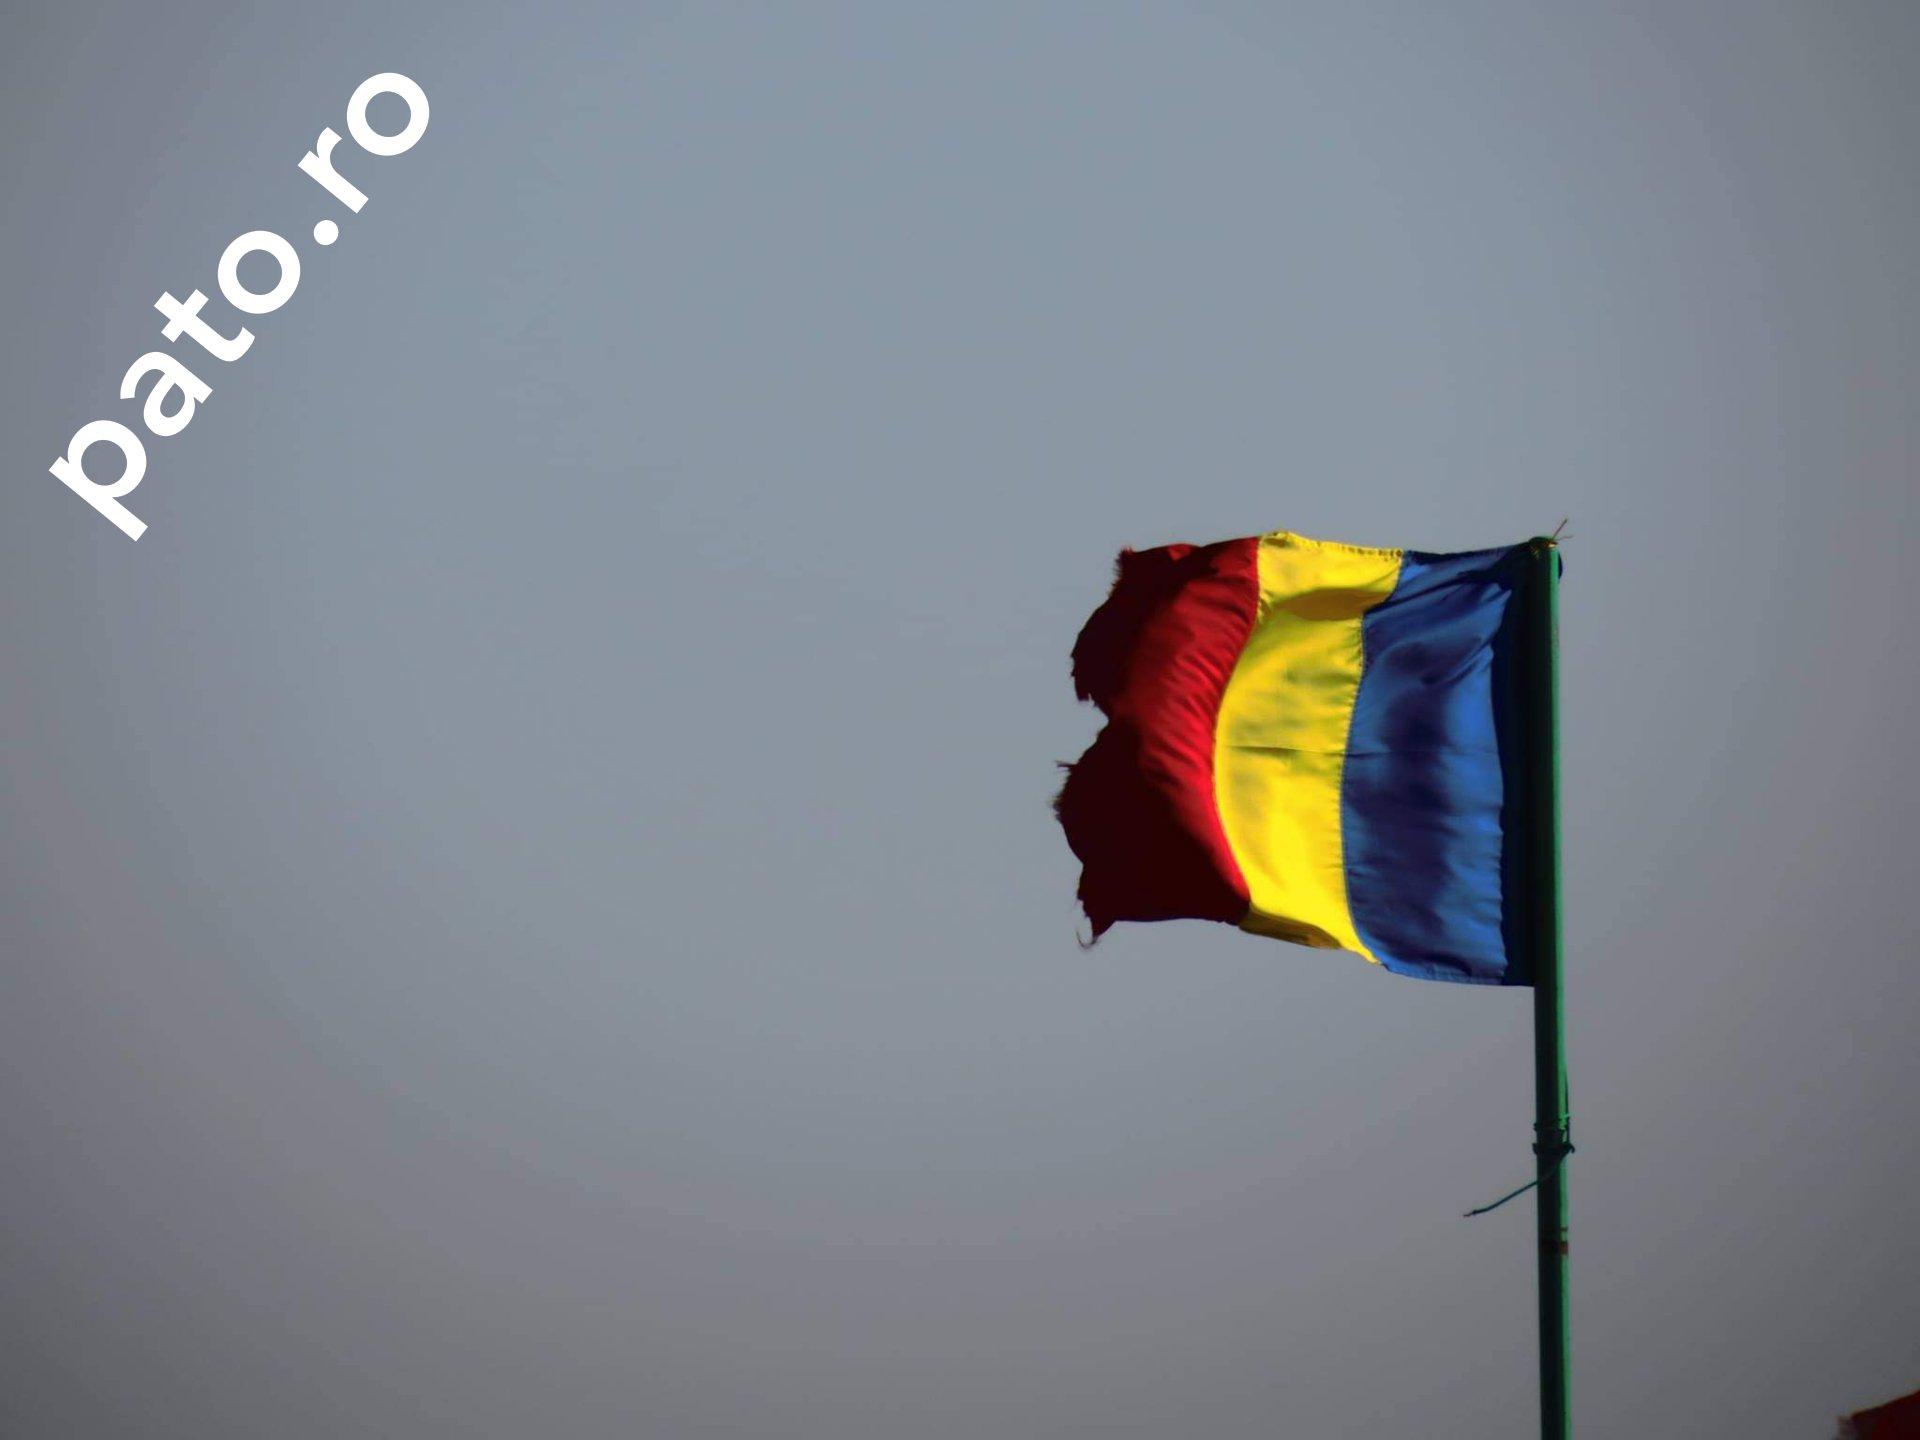 Blogul, mijloc de promovare personală. Blogul, loc de refugiu pentru specialii social media-ului și zeii digital marketing-ului românesc!